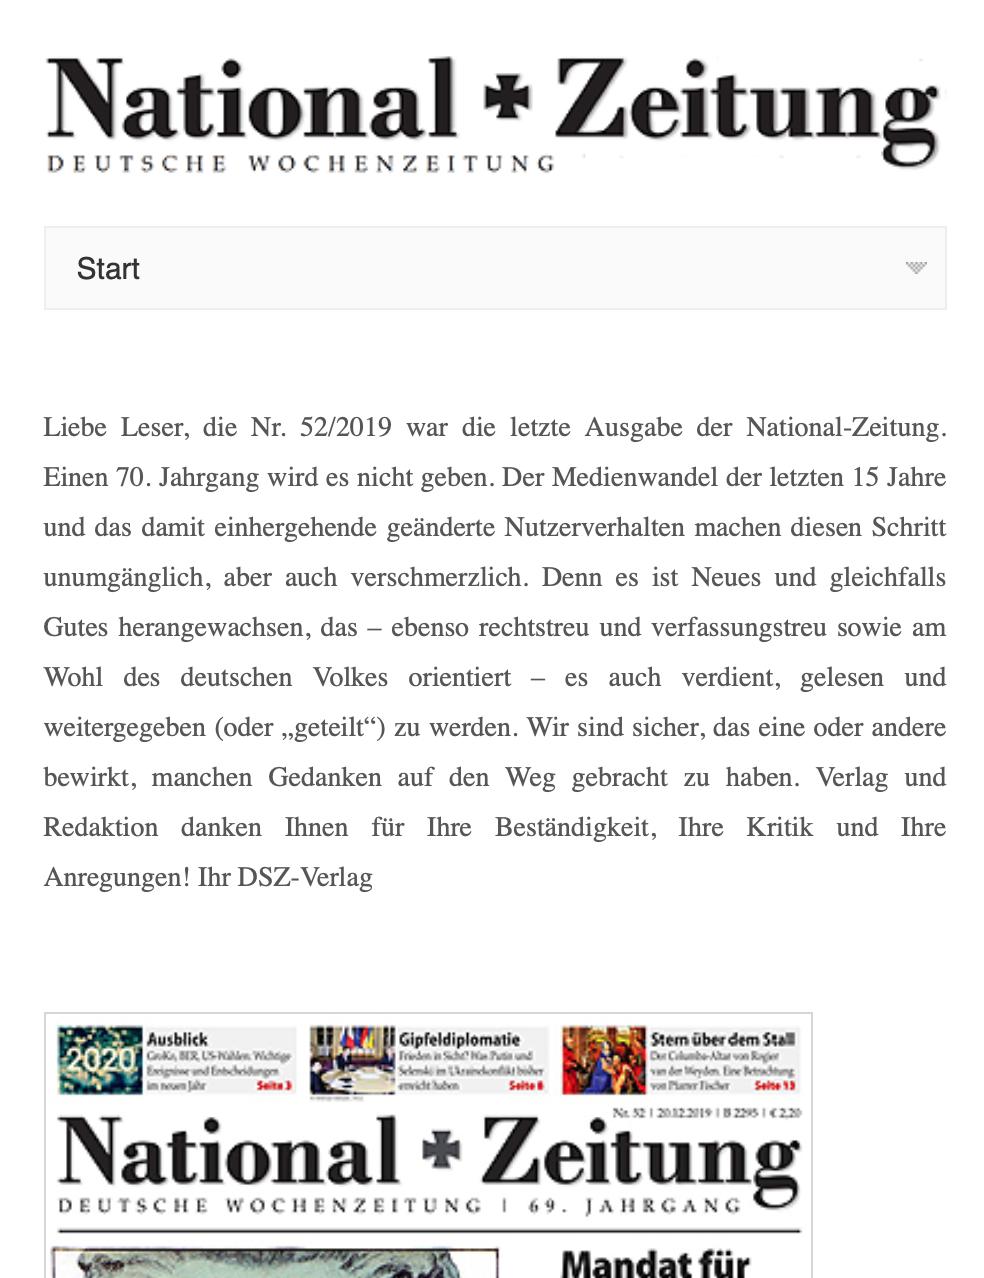 National-Zeitung verkündet nach 69 Jahren braunen Treibens ihr Aus